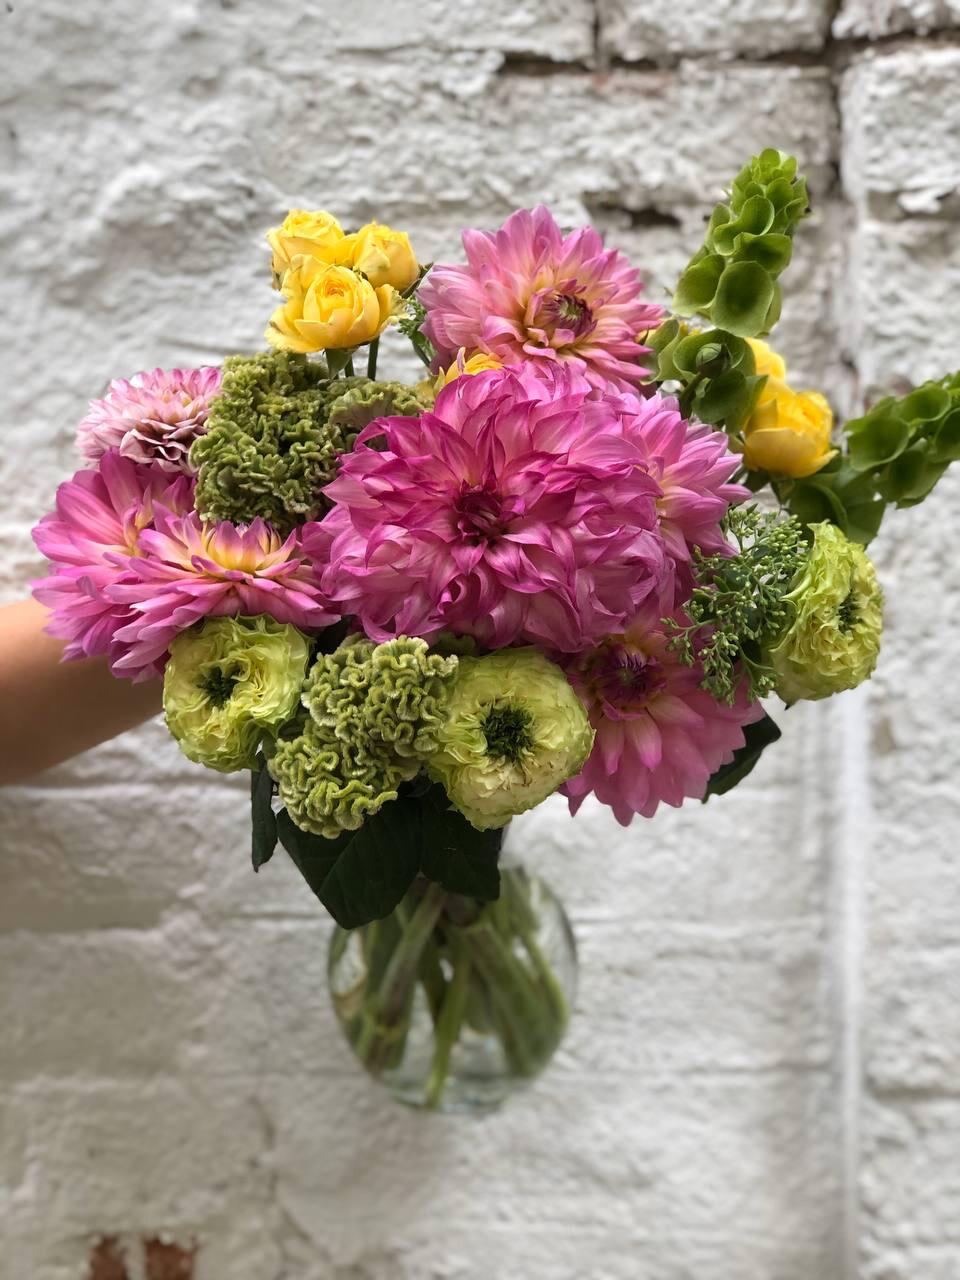 Hot offer + vase  #398s